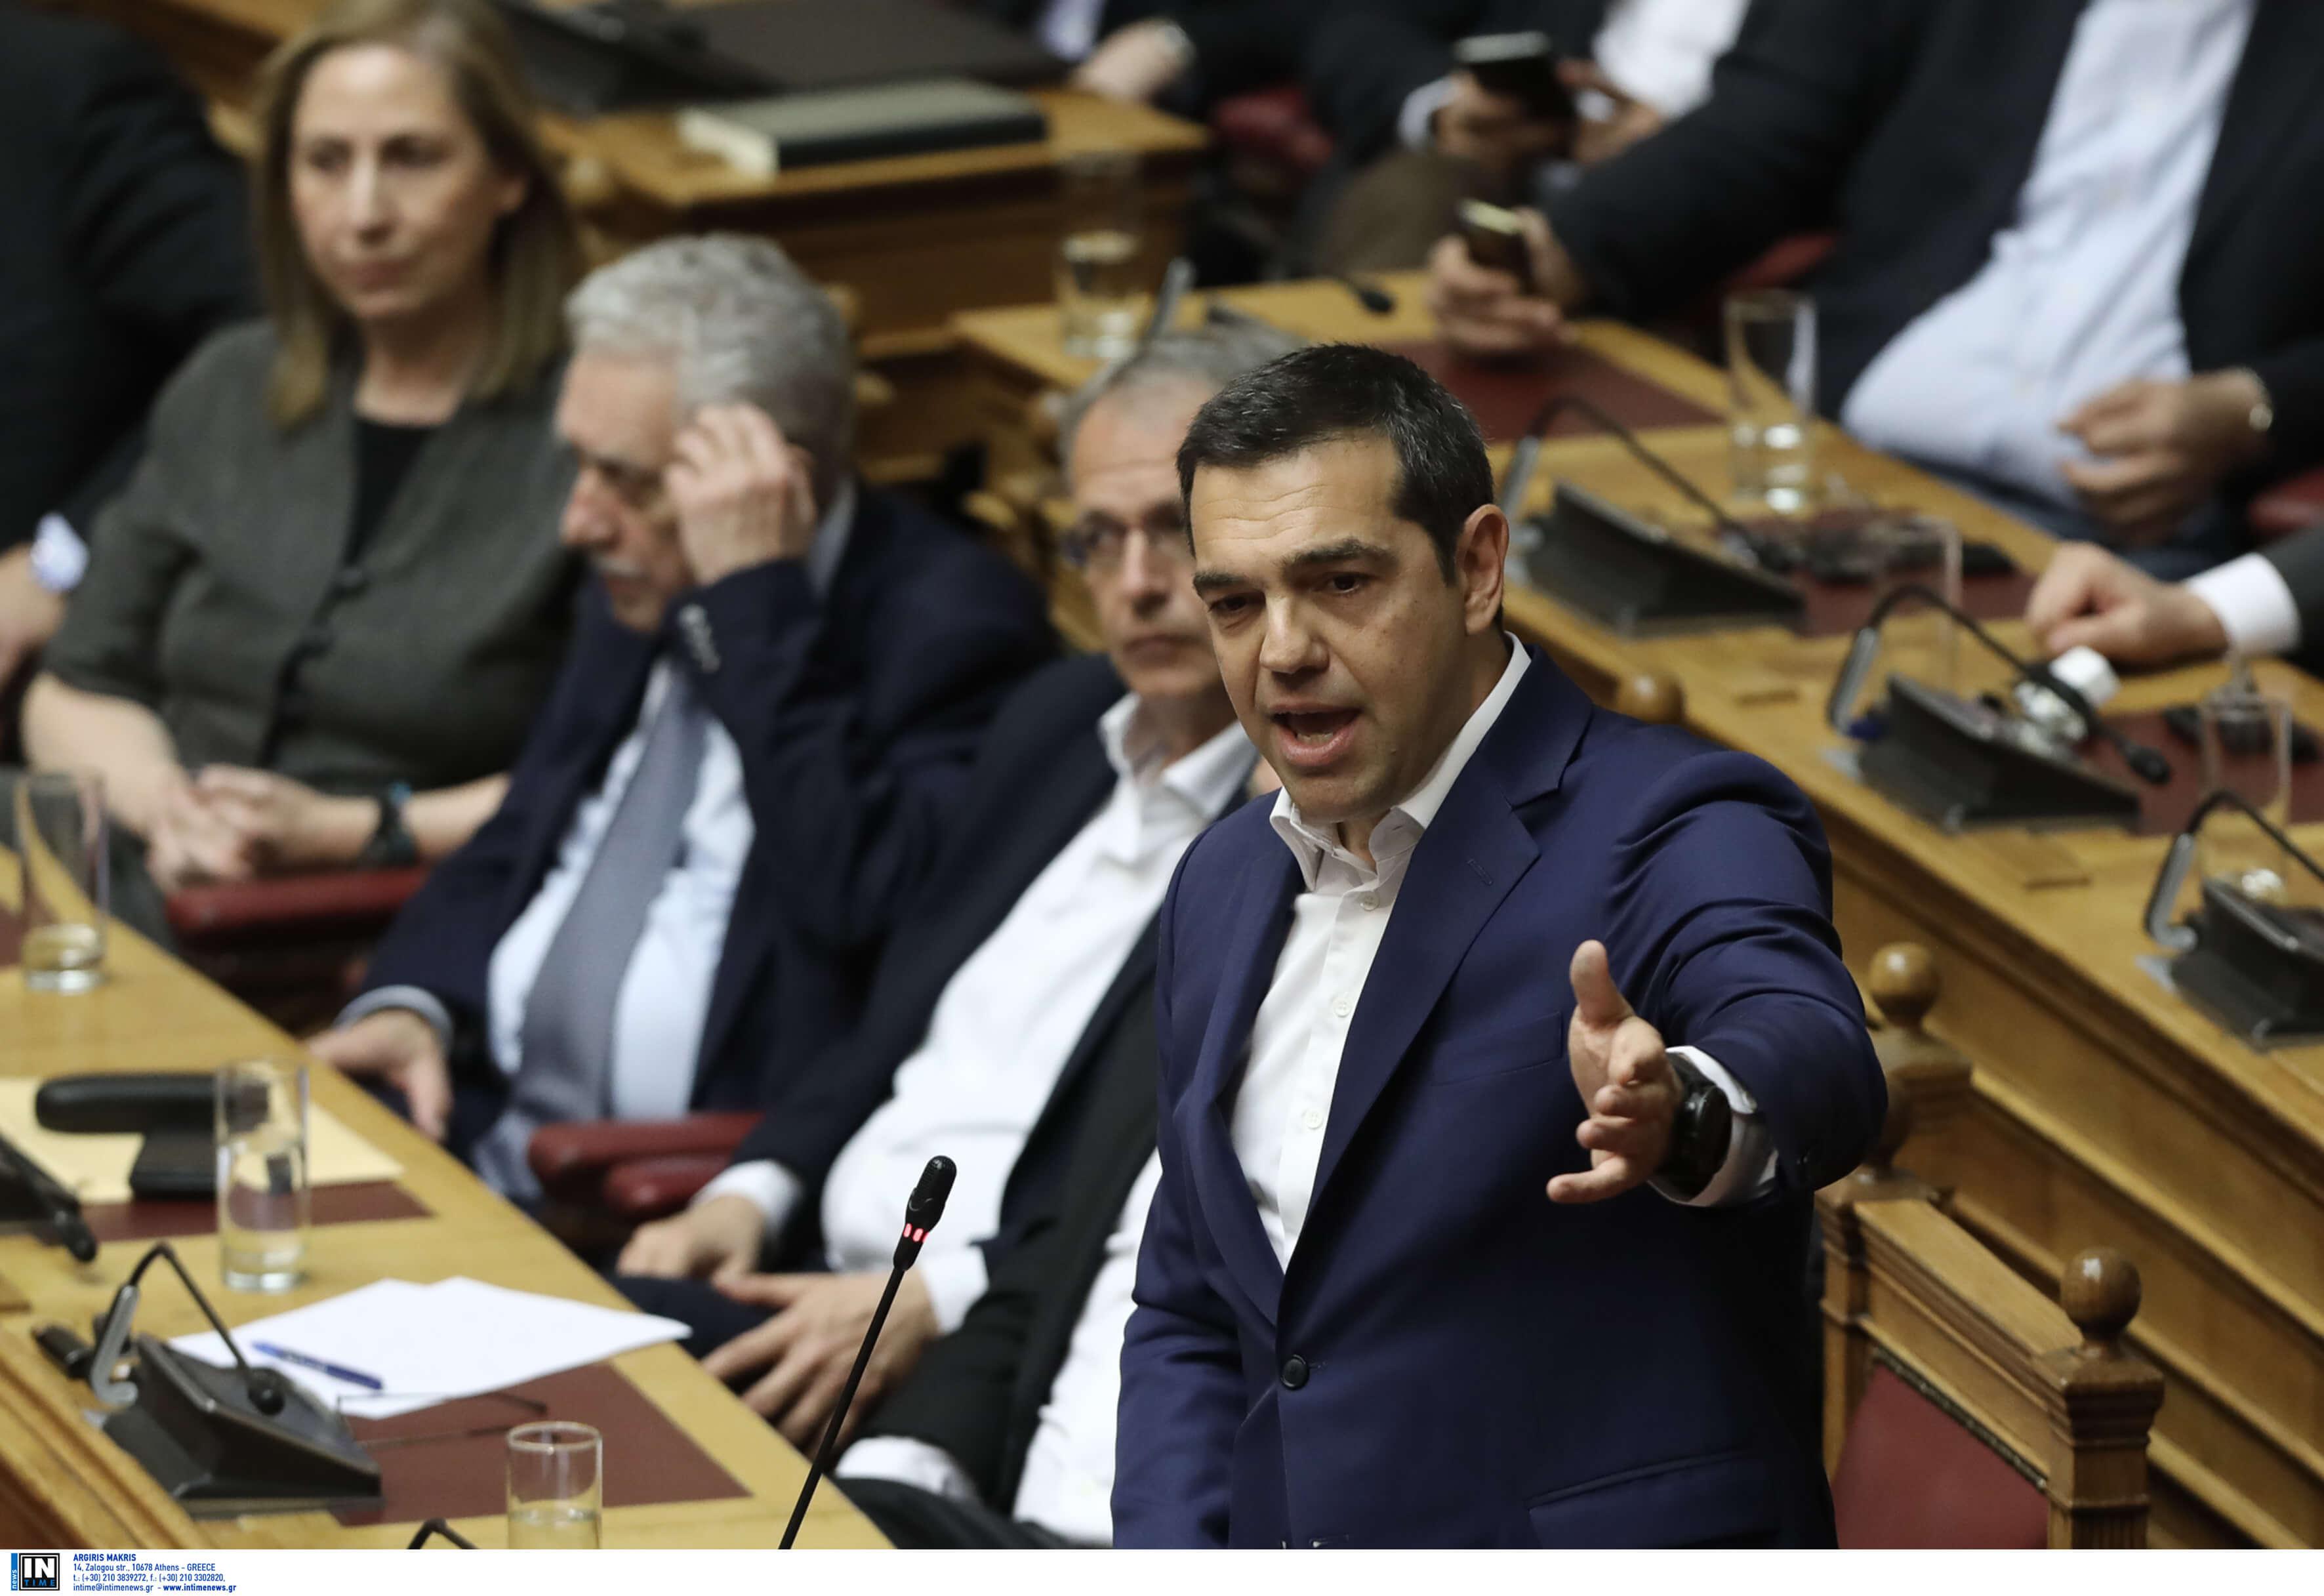 """Ψήφος εμπιστοσύνης: Ένταση ανάμεσα σε Τσίπρα – Λοβέρδο! """"Διαμαρτύρεστε όταν μιλάω εγώ, γιατί είστε τα δεκανίκια της ΝΔ"""""""